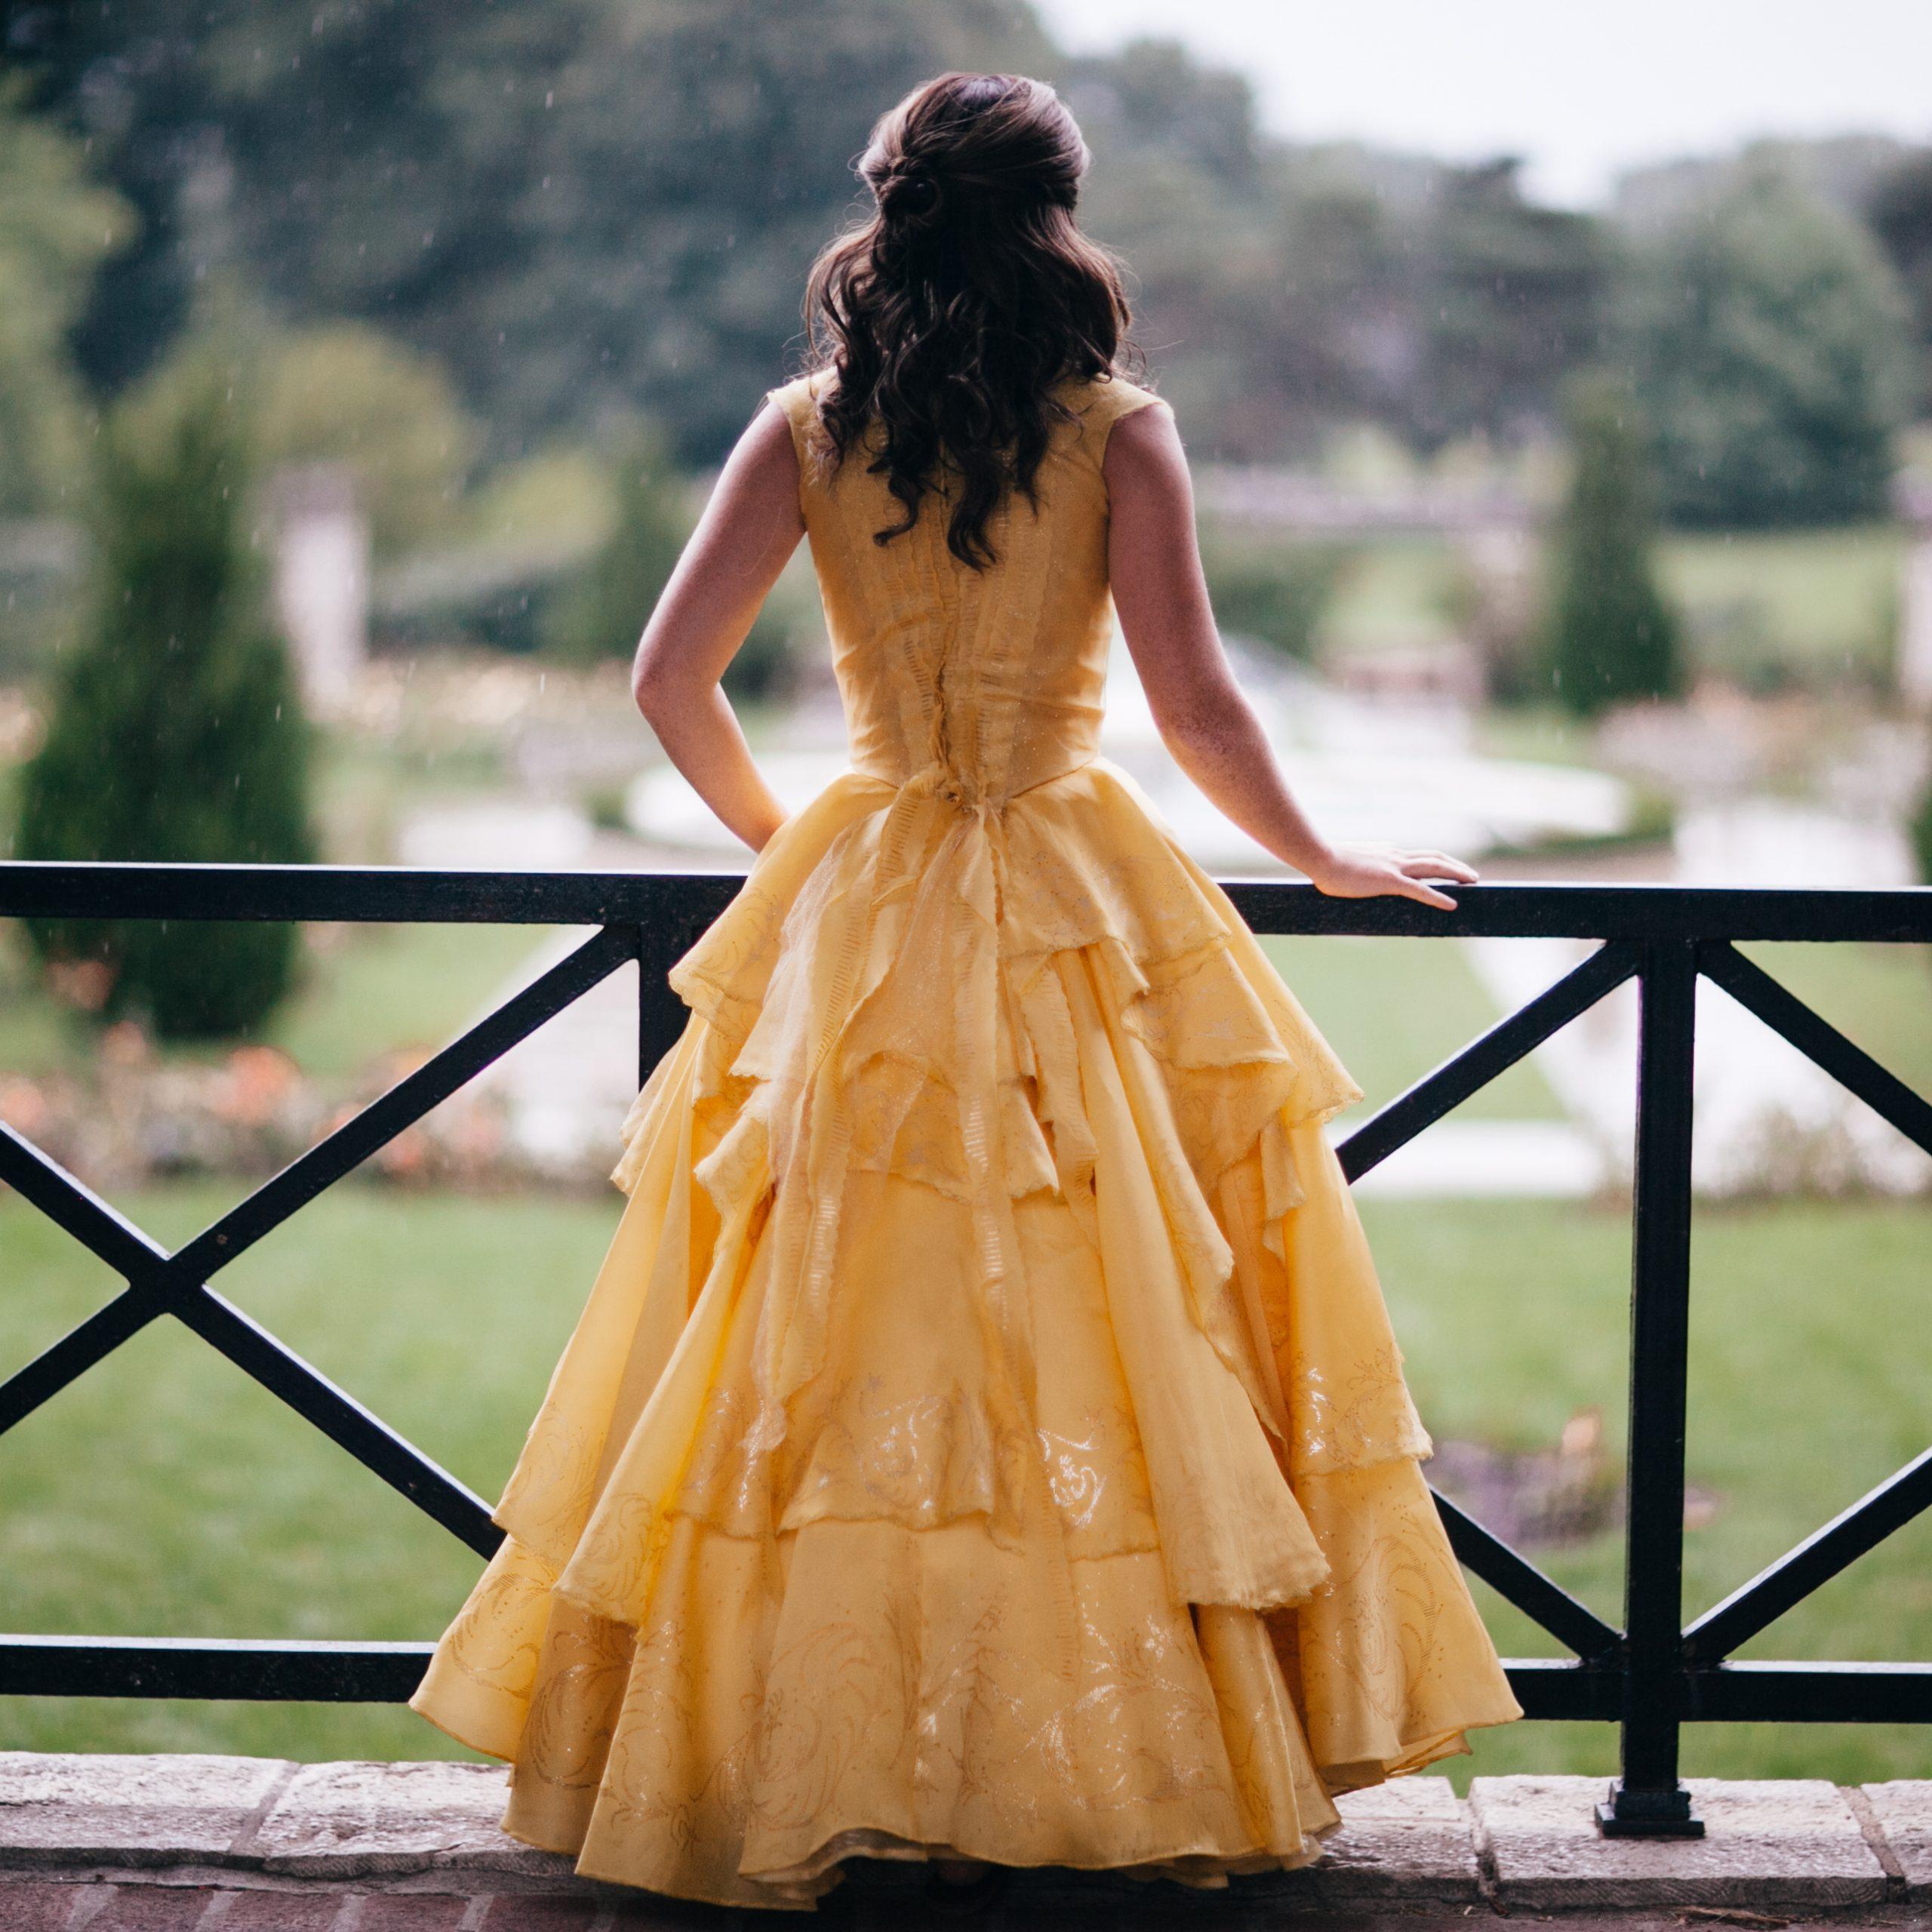 Belle's Ballgown